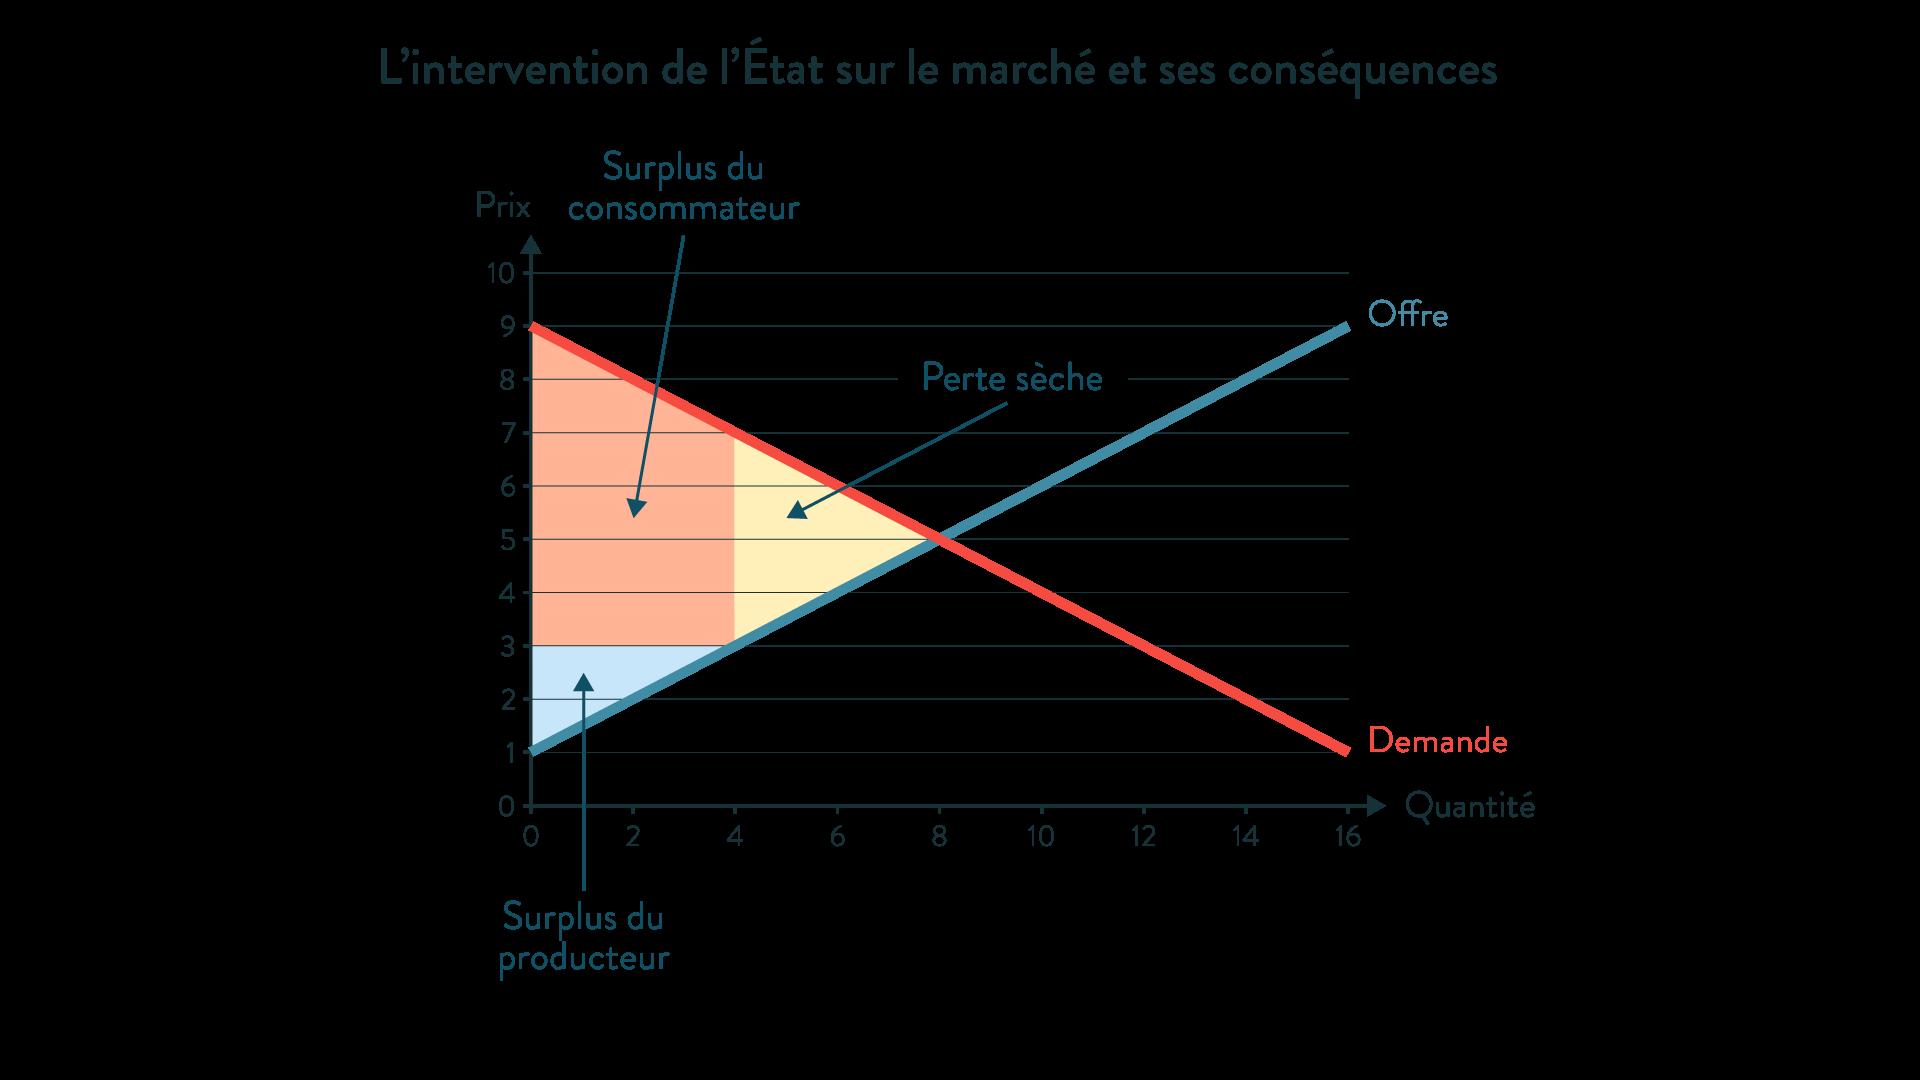 ses première l'intervention de l'État sur le marché et ses conséquences surplus du producteur perte sèche consommateur offre demande prix quantité